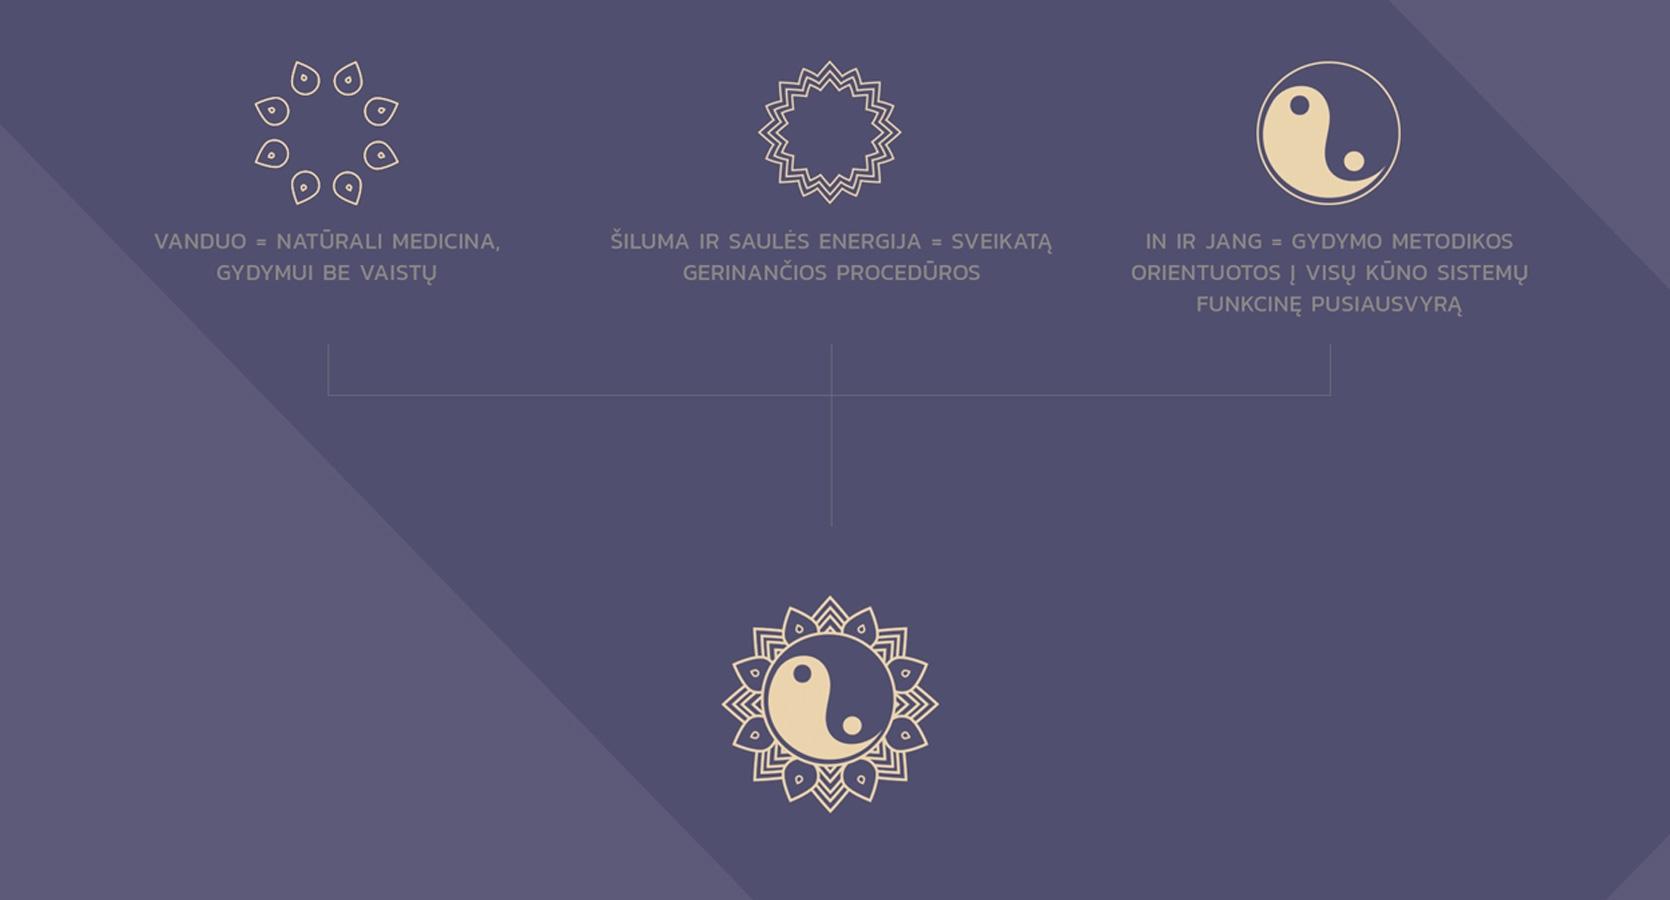 PIXELART – logotipo kūrimas, prekinio ženklo kūrimas, firminio stiliaus kūrimas. Unikalių logotipų ir prekinių ženklų kūrimas: Vilniuje, Kaune, Šiauliuose, Klaipėdoje, Panevėžyje. Logotipo kūrimas - www.pixelart.lt